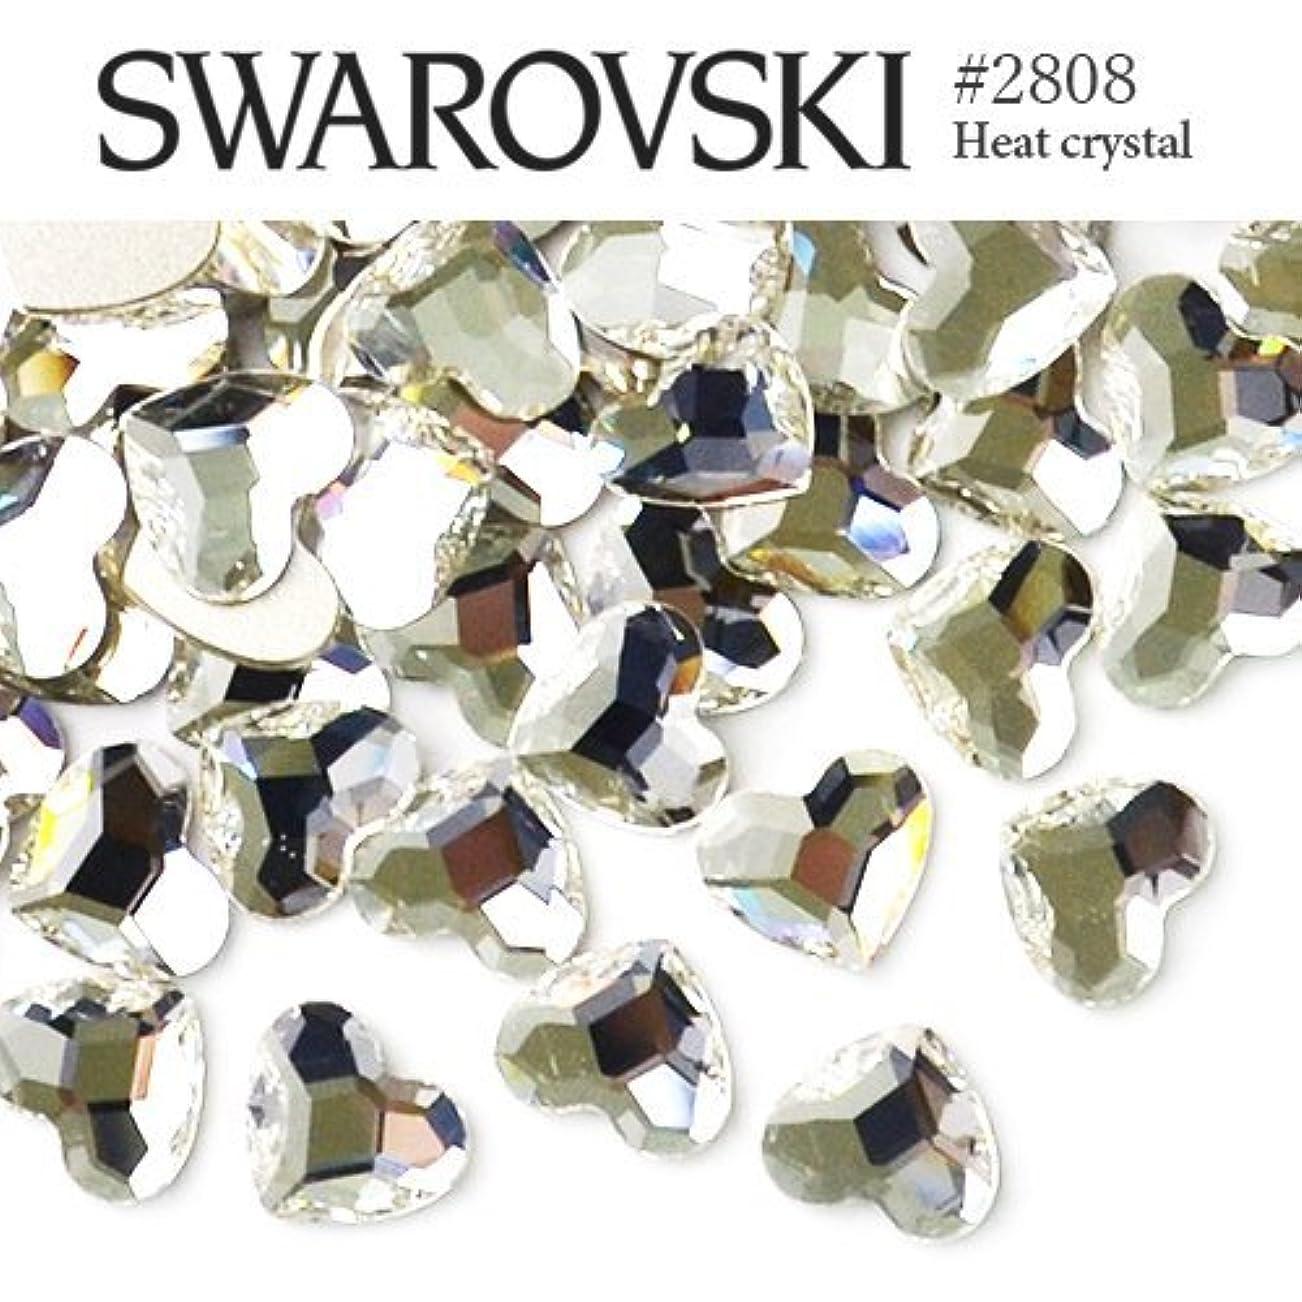 欠乏熱意弱める#2808 ハート (6mm) [クリスタル] 5粒入り スワロフスキー ラインストーン